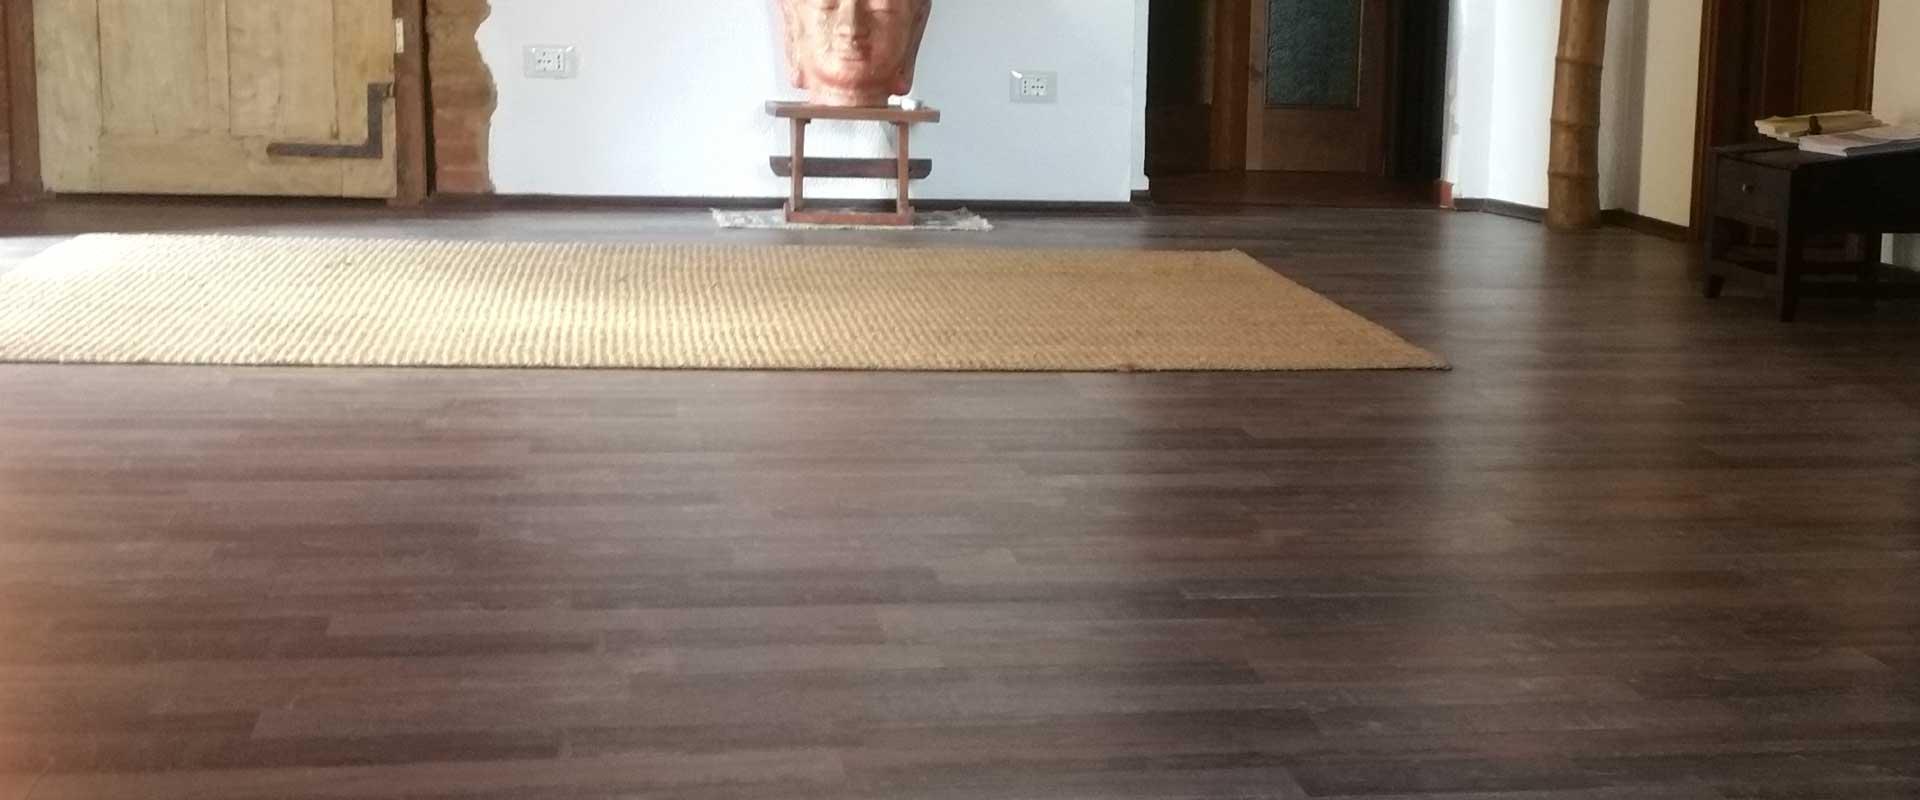 Il luogo in cui meditare